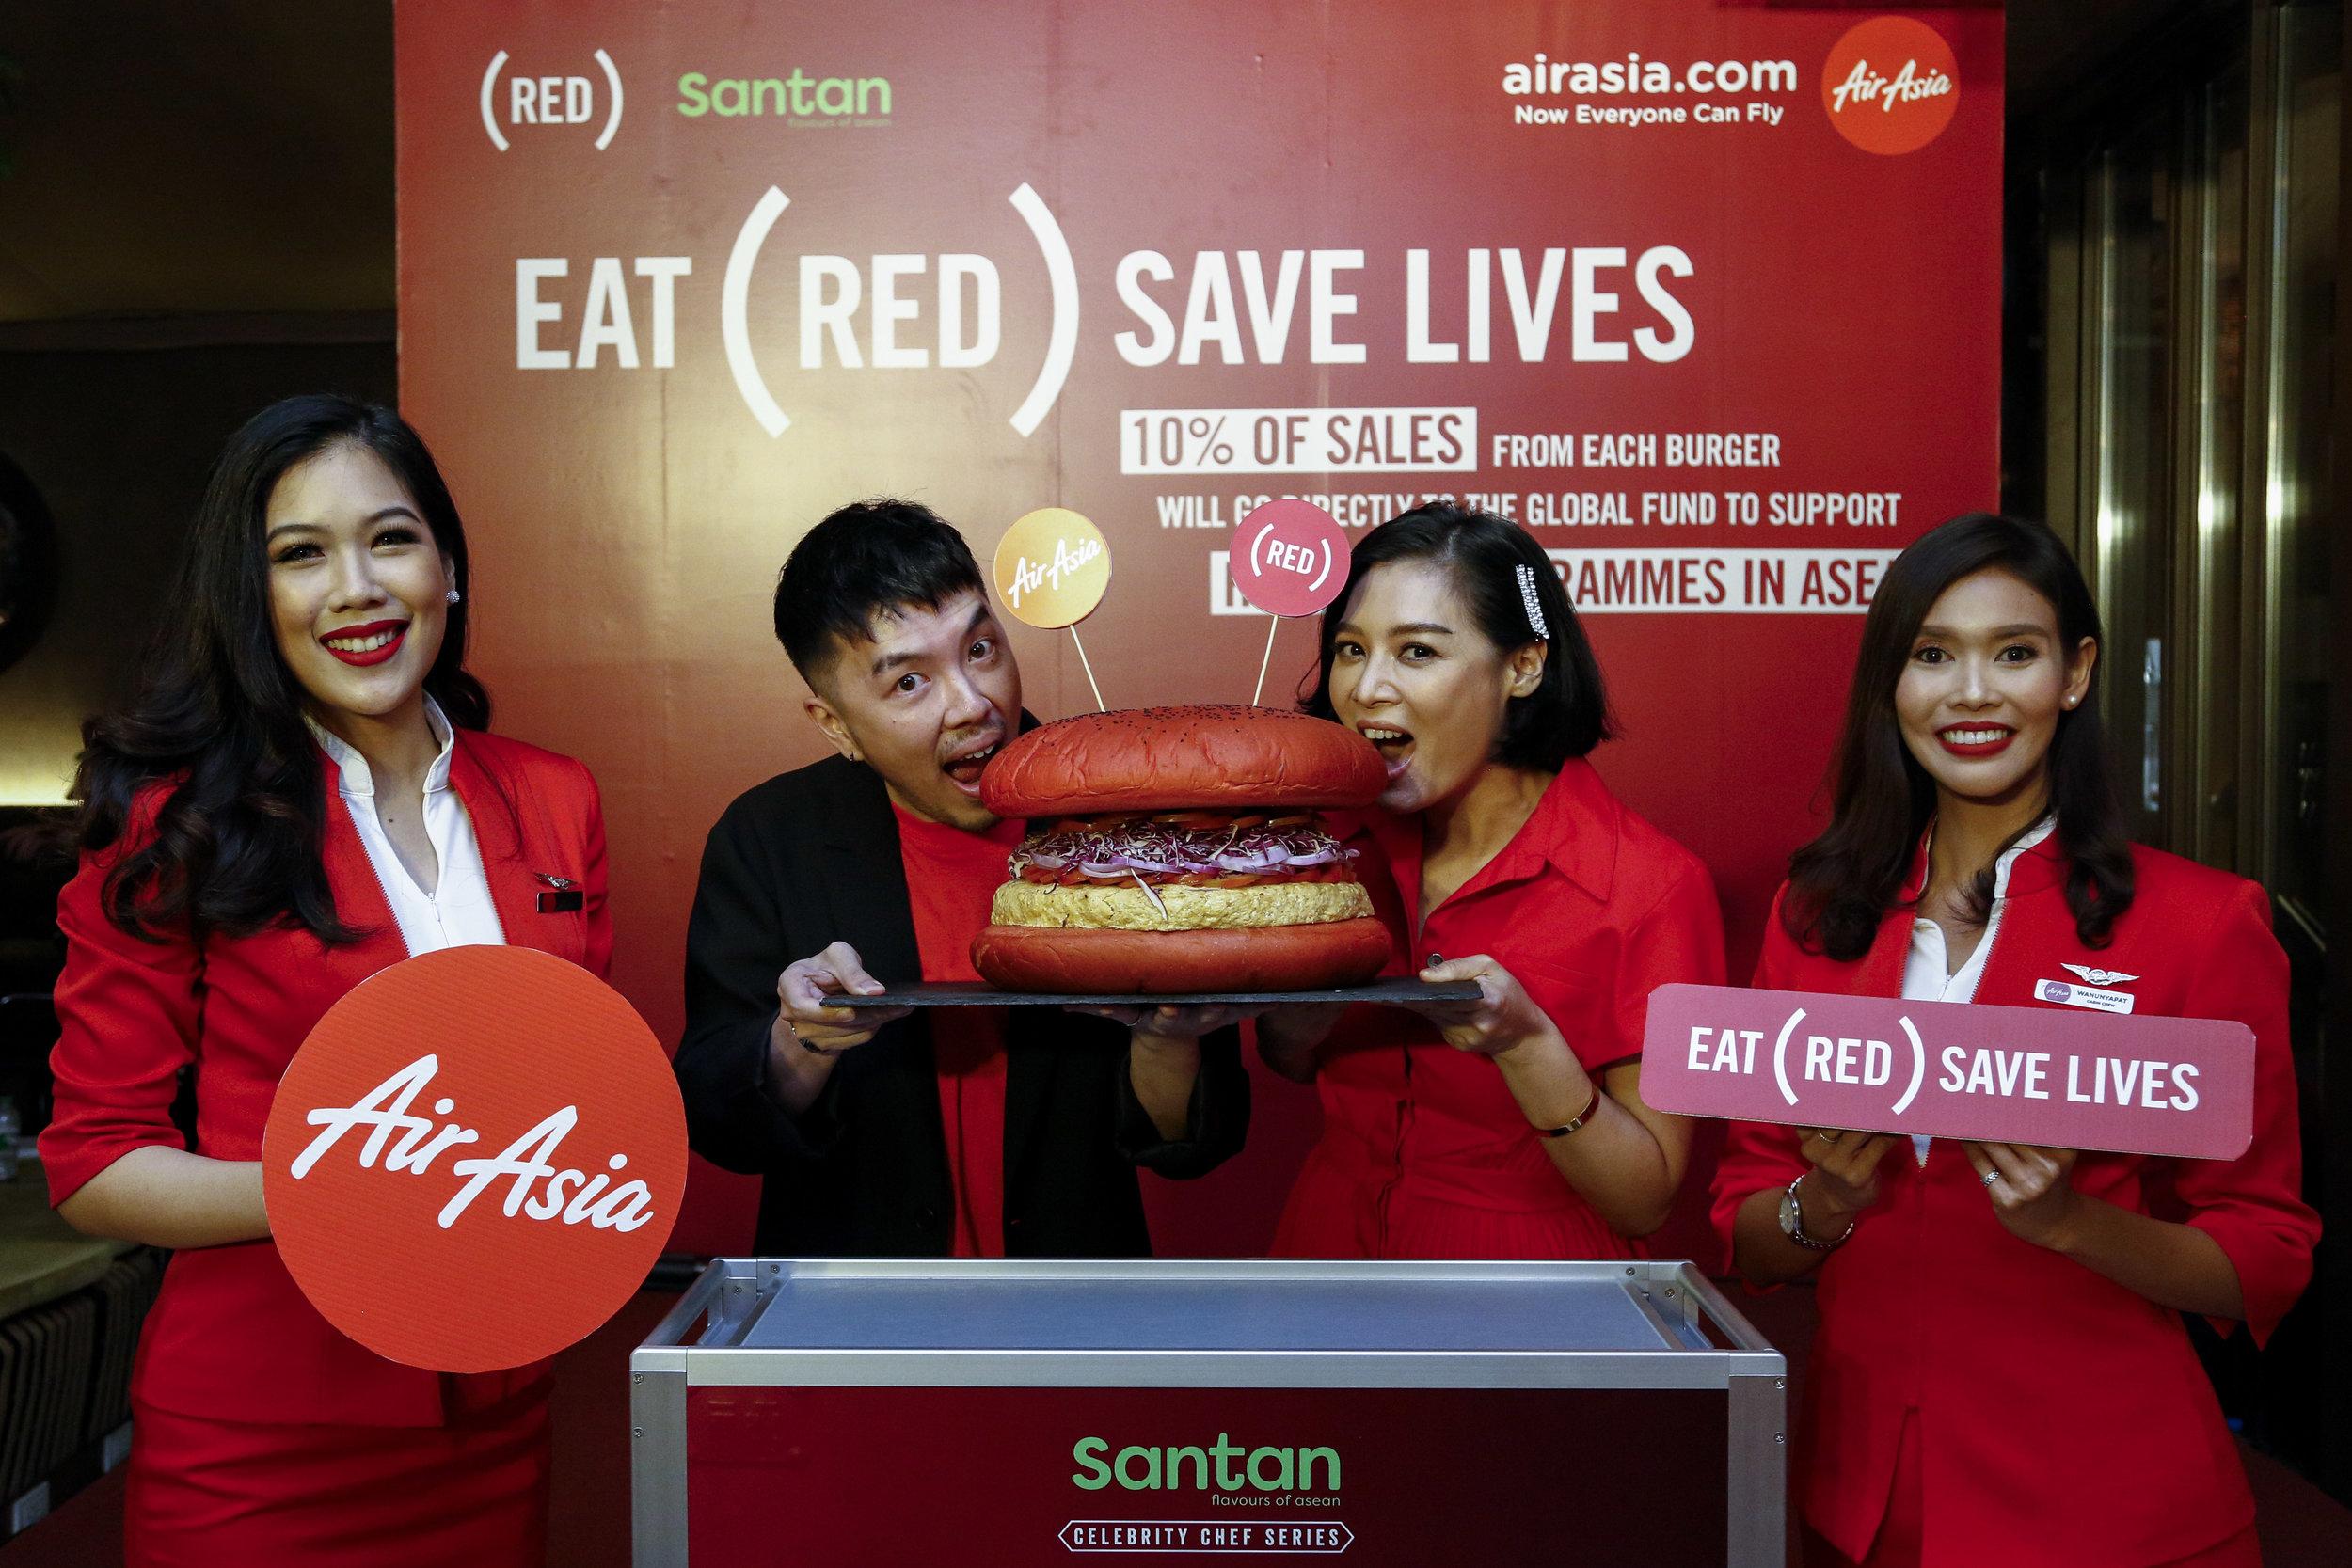 Ketua Penjenamaan Kumpulan AirAsia Rudy Khaw dan Duta Cef (RED) Hong Thaimee melancarkan hidangan Burger INSP(RED) baharu bersama krew kabin